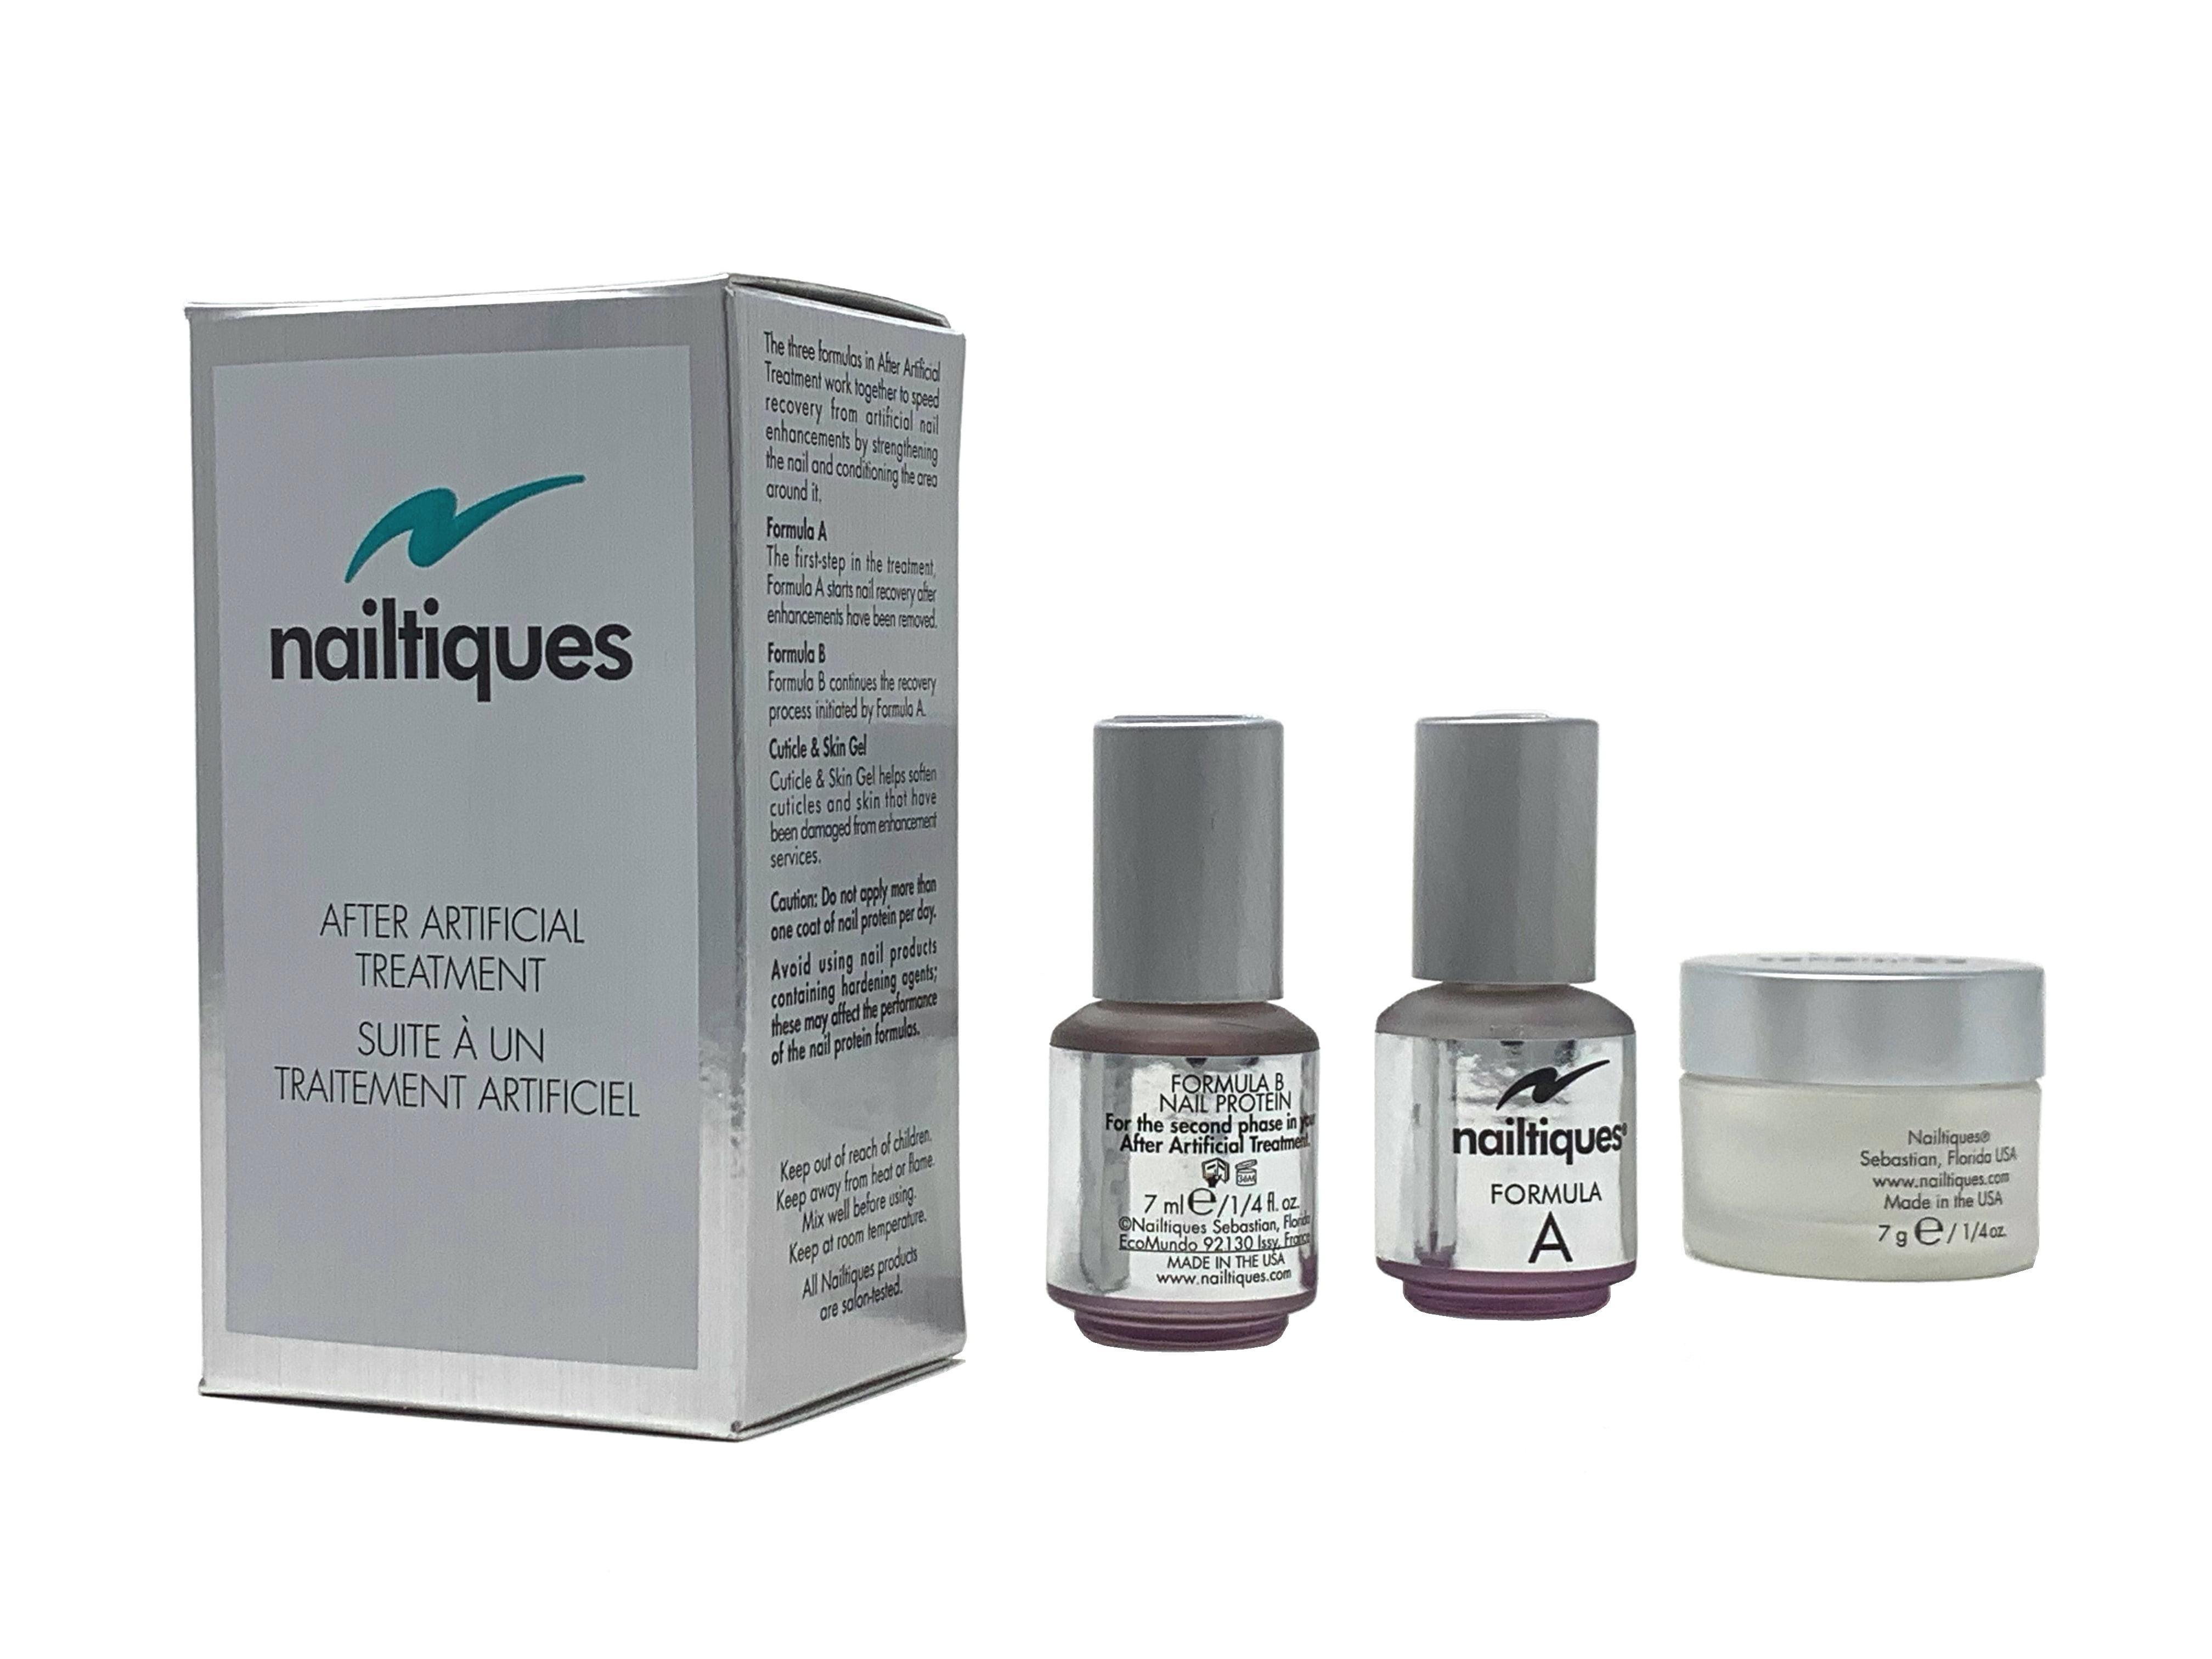 Nailtiques After Artificial Treatment 3-Piece Set - Walmart.com